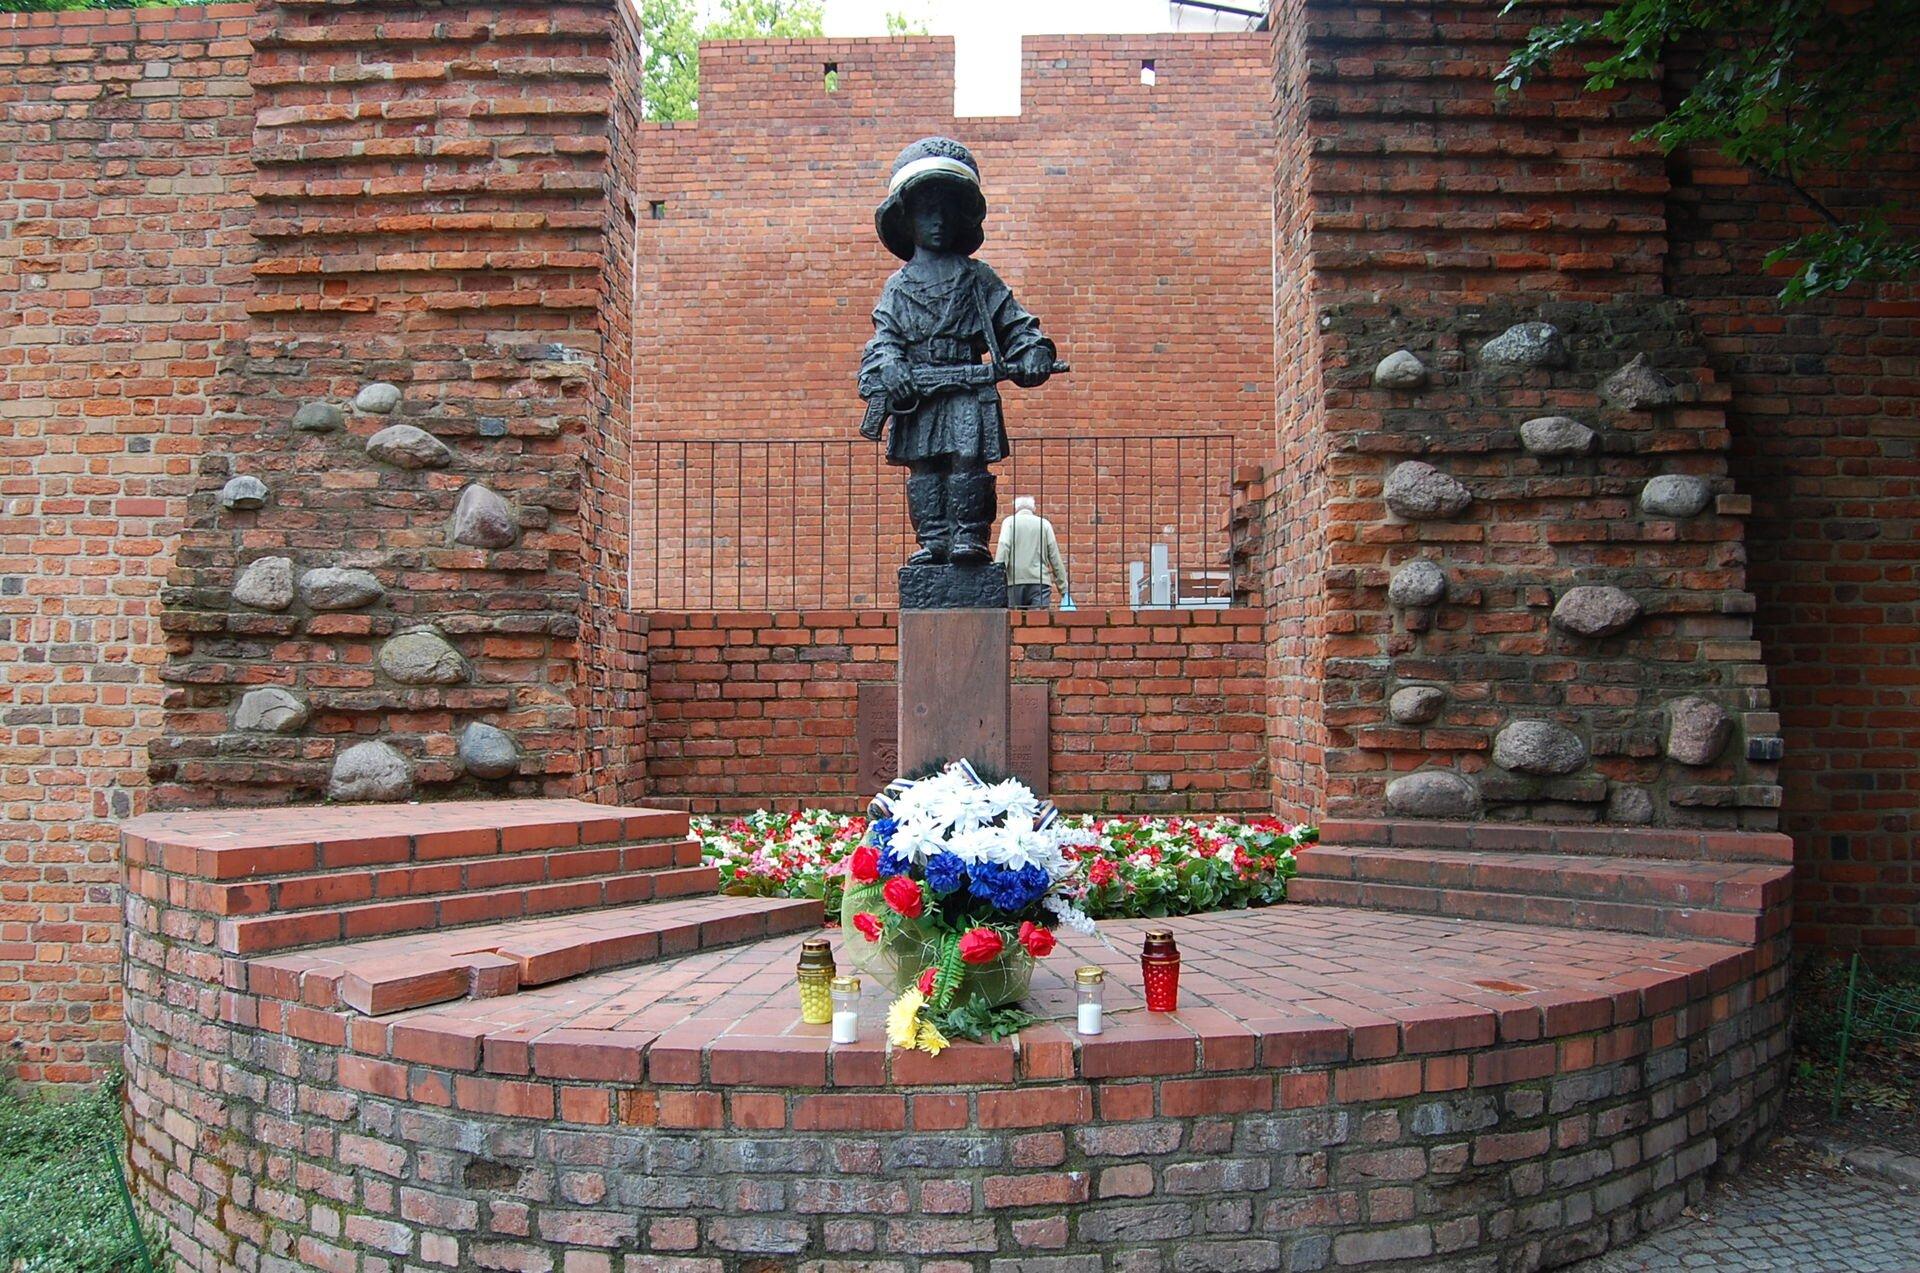 Pomnik Małego Powstańca Pomnik Małego Powstańca Źródło: Kalinka261015, licencja: CC BY-SA 3.0.